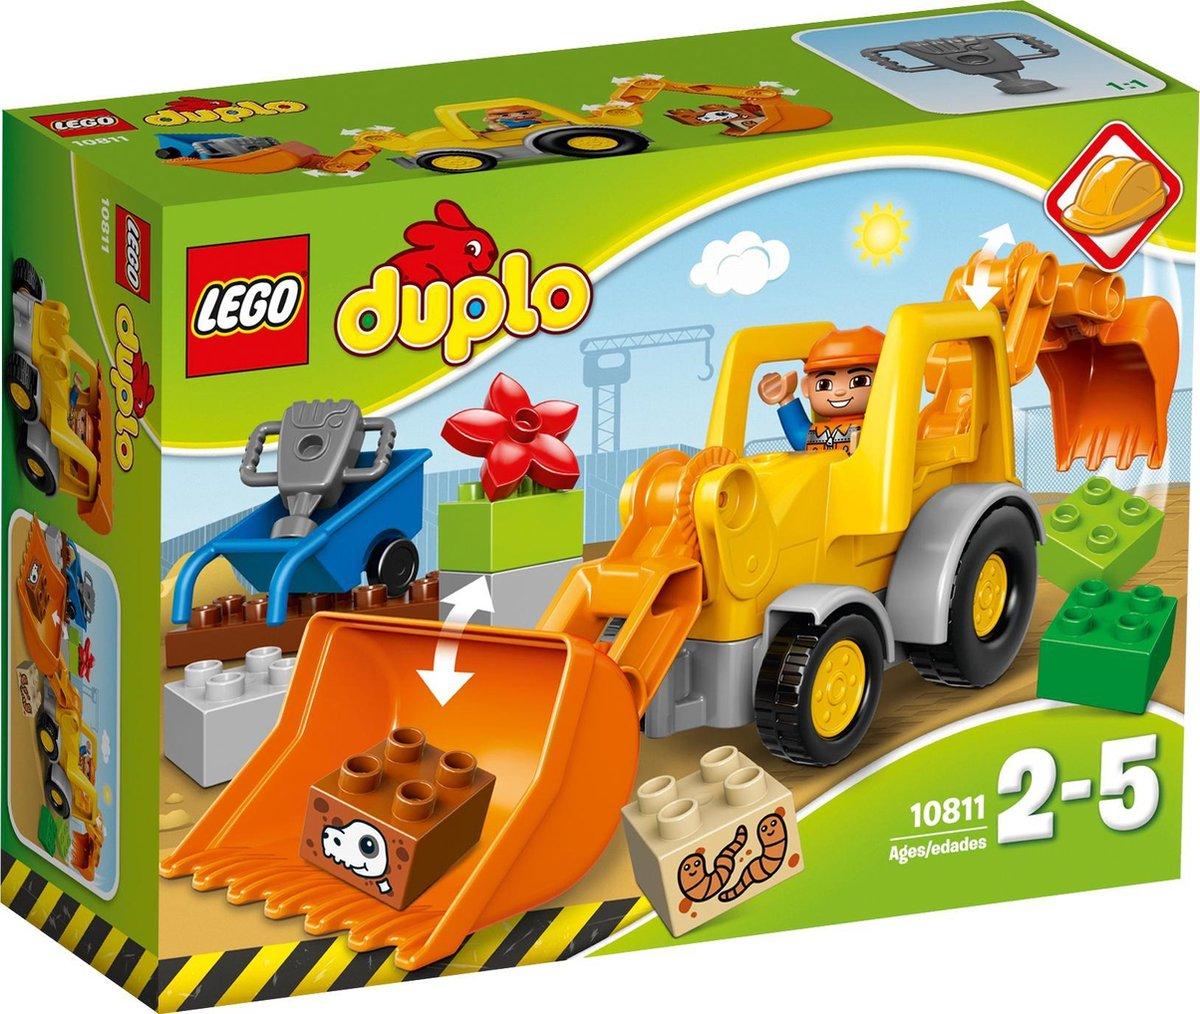 LEGO DUPLO Graaflaadmachine - 10811